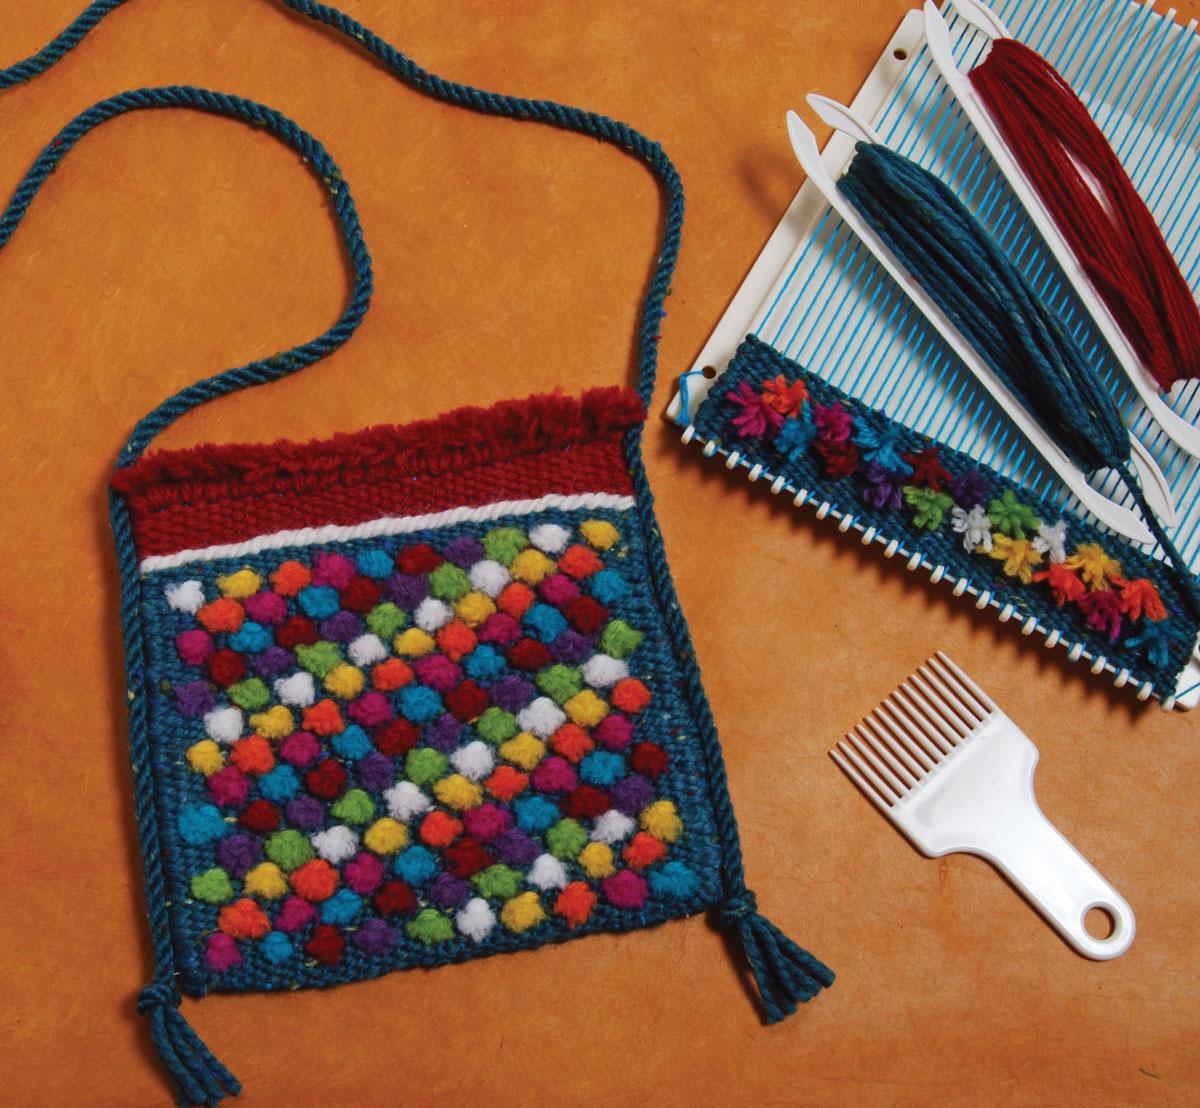 Schacht Mini Loom Weaving Kit